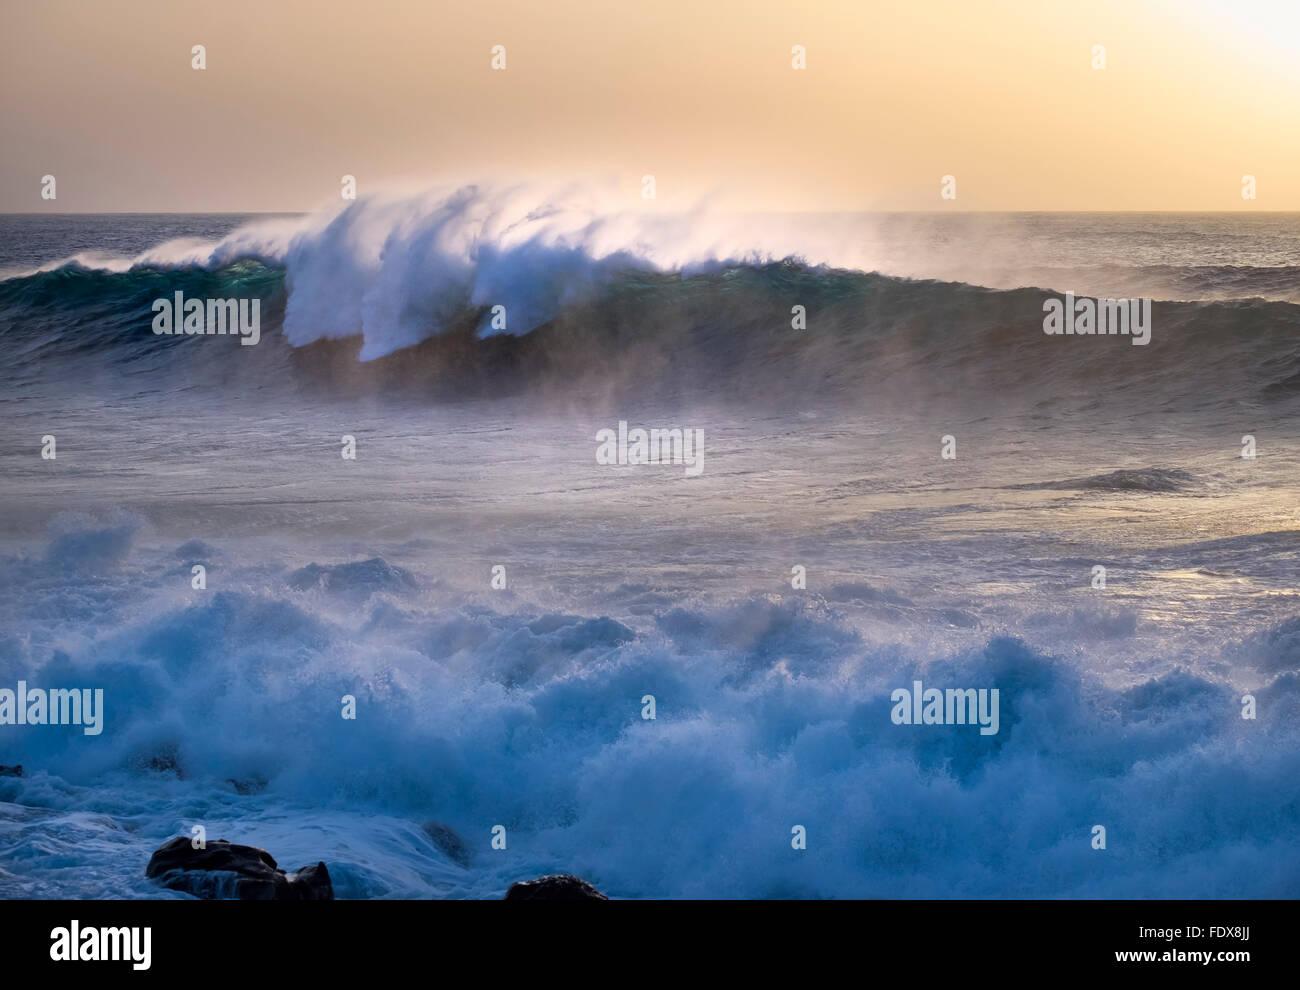 Ocean waves, Atlantic, Valle Gran Rey, La Gomera, Canary Islands, Spain Stock Photo